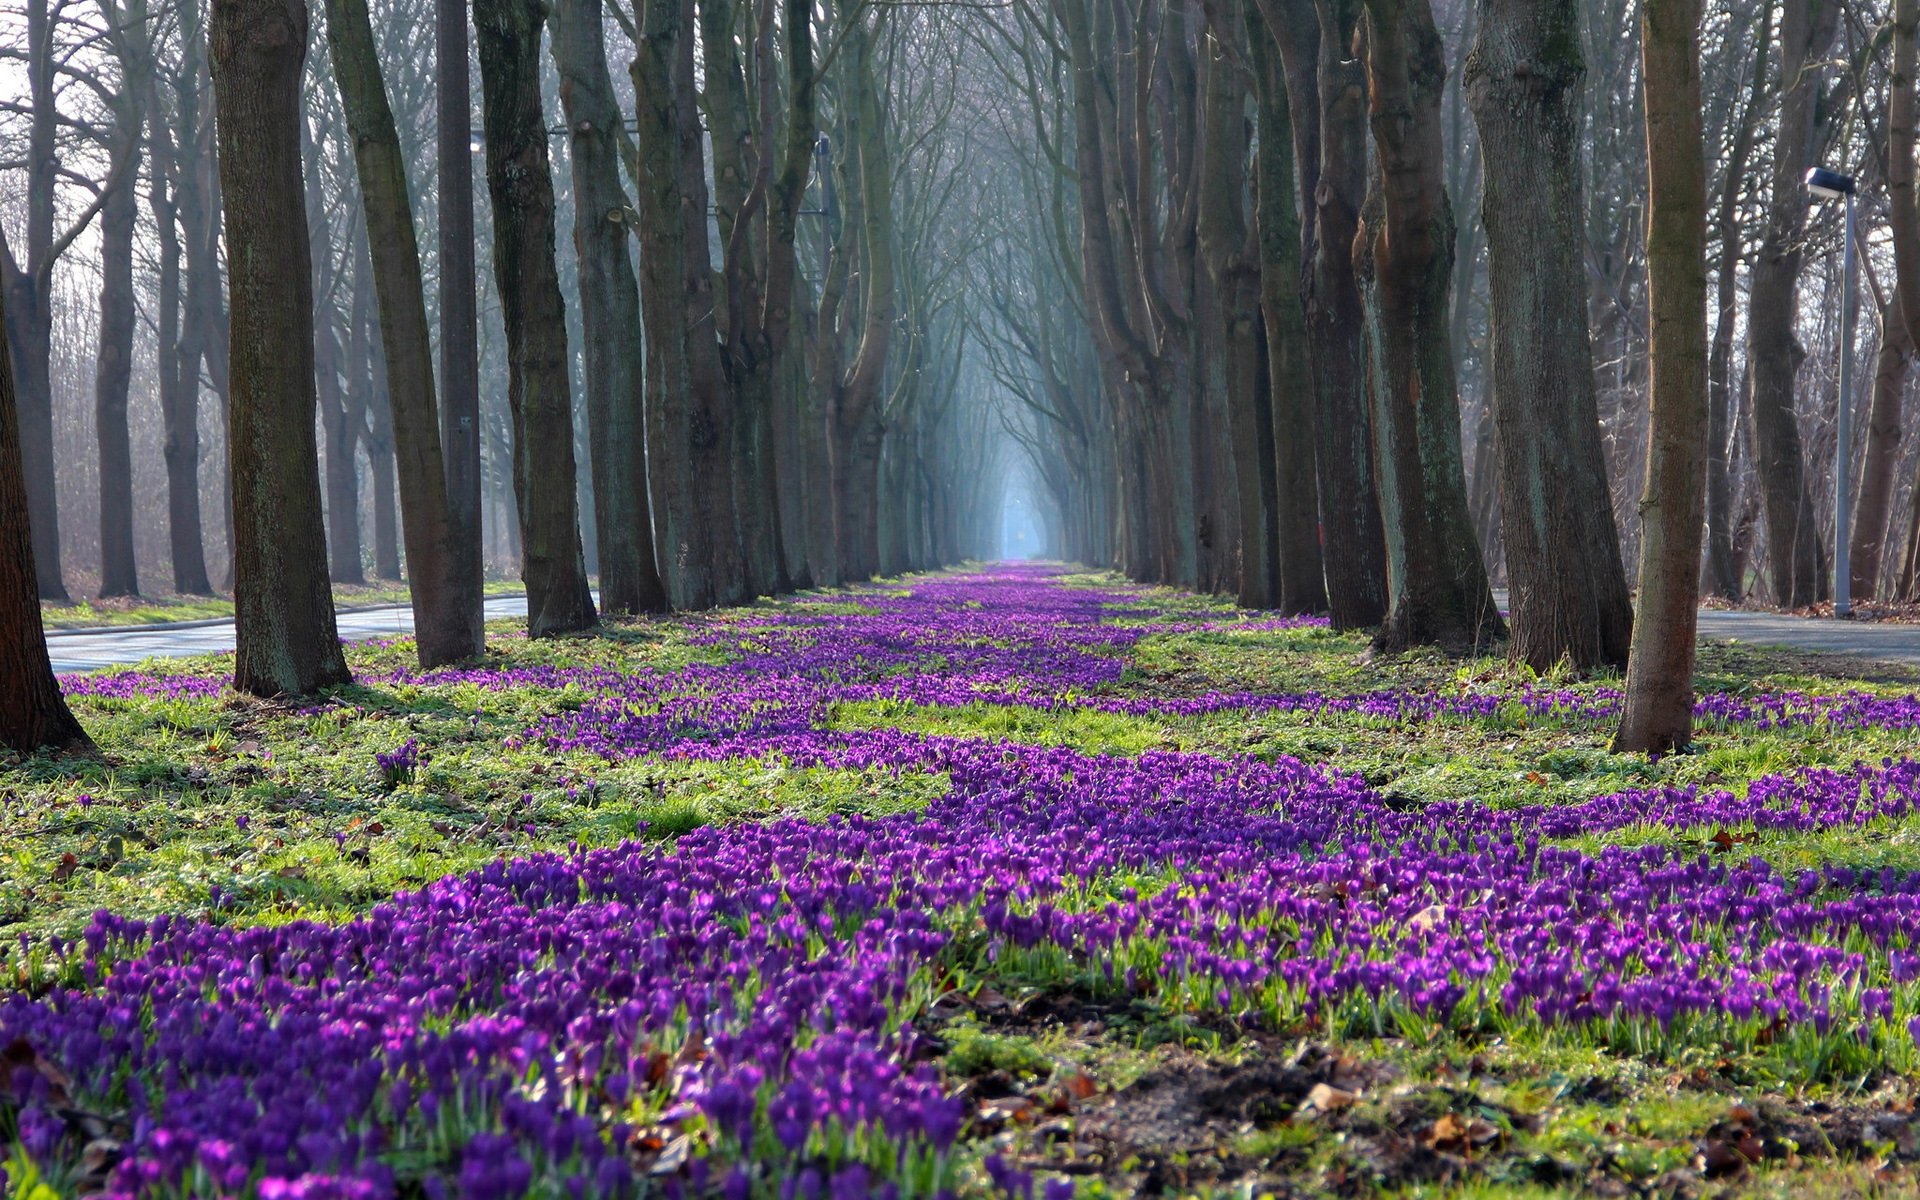 wallpaper park spring landscape trees flowers crocus path